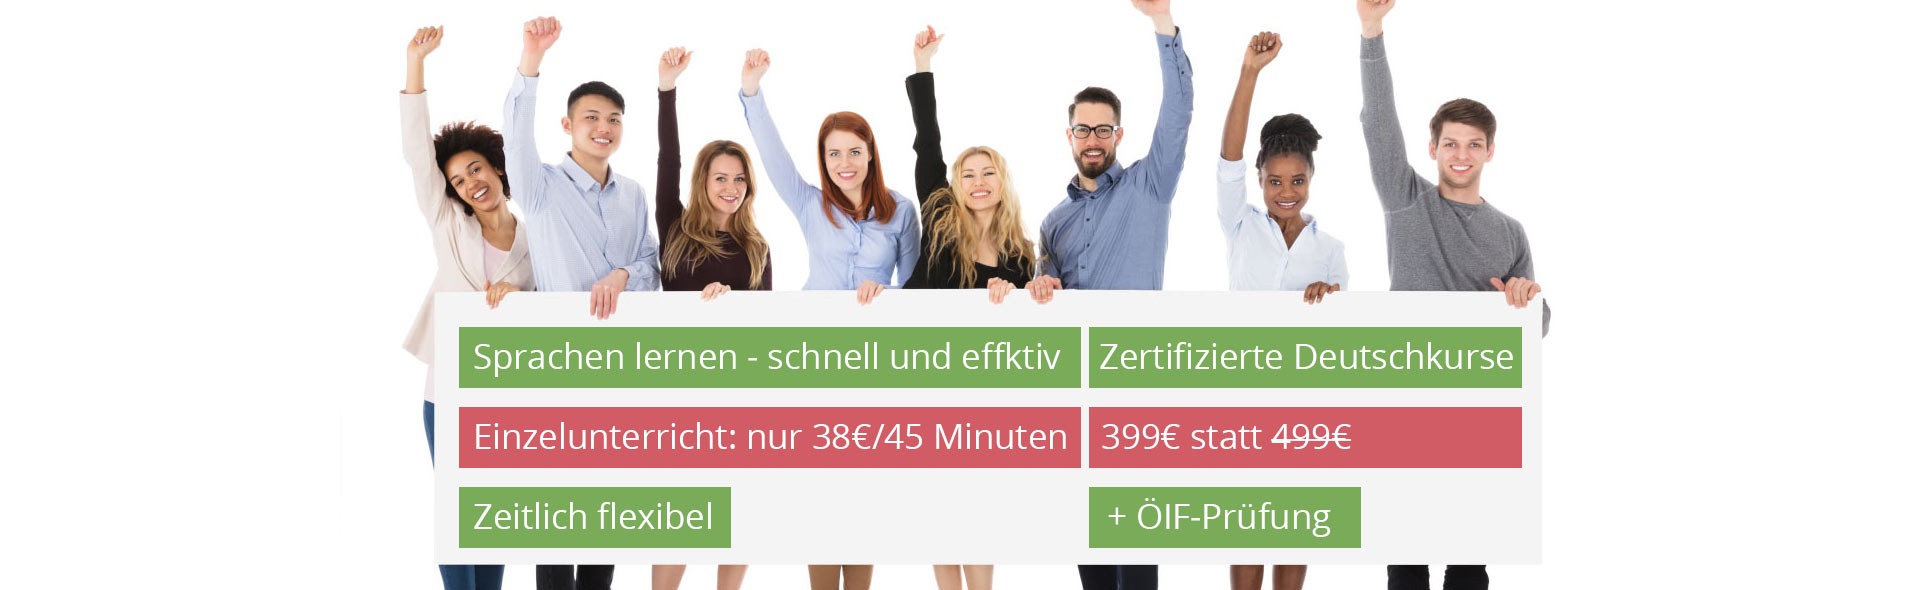 Sprachschule Wien – Deutsch und Fremdsprachen lernen – Sprachkurse